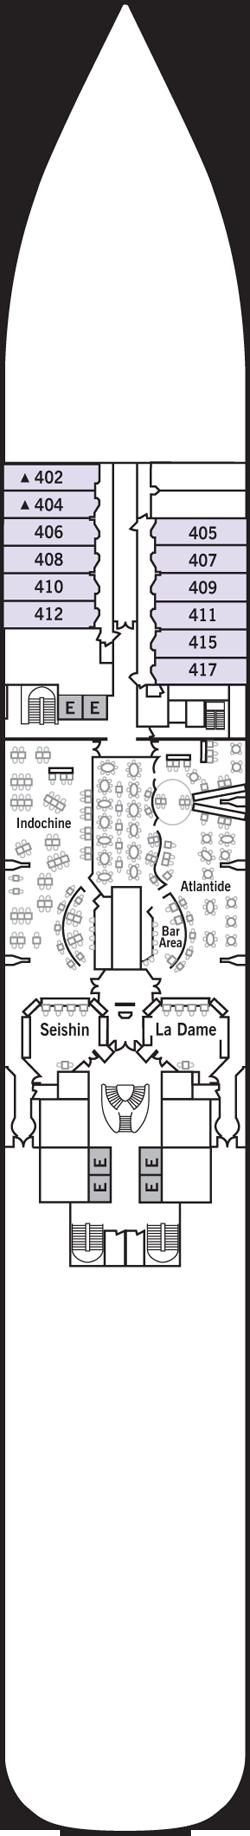 Silver Spirit Deck 4: Deck 4